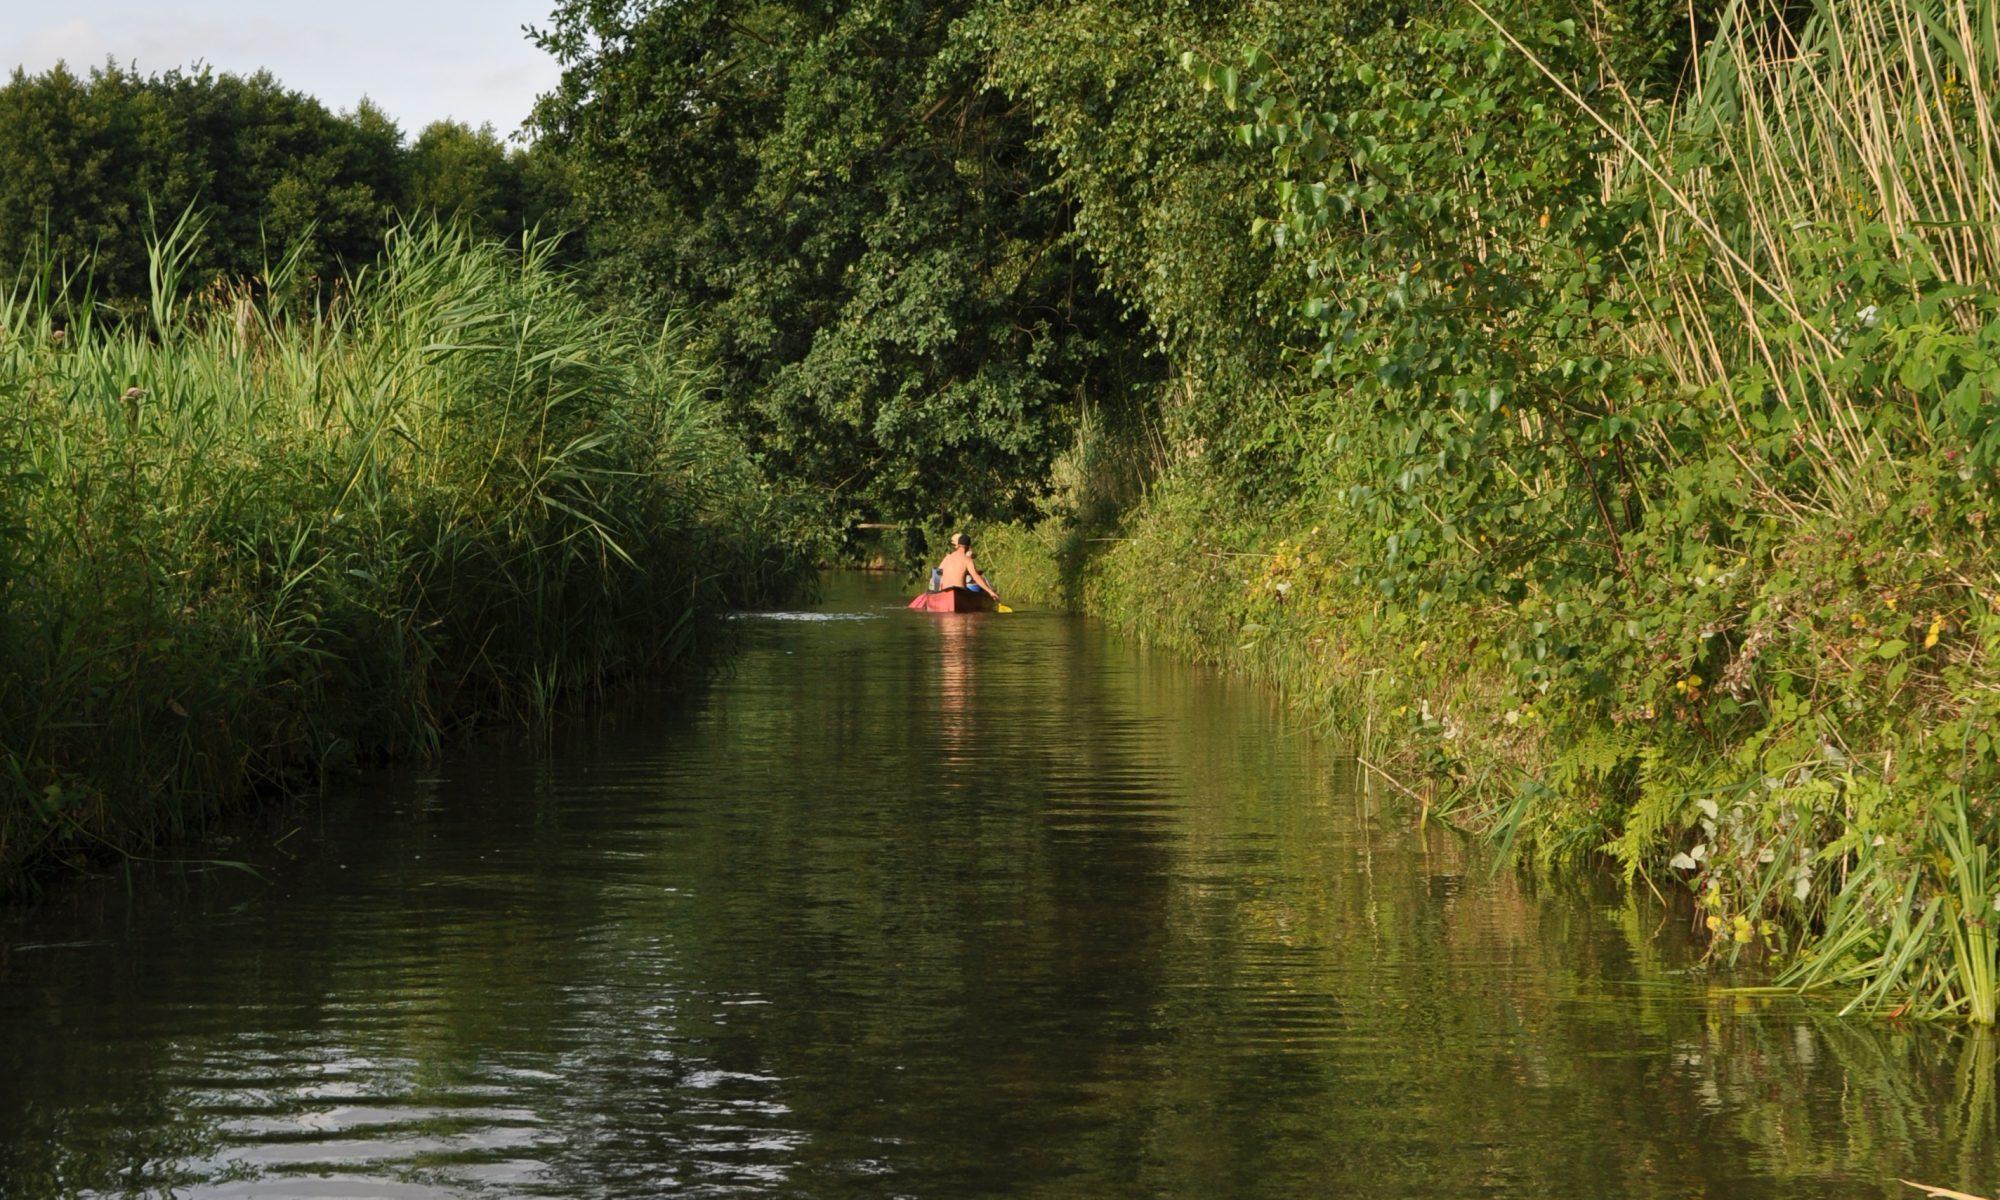 Freizeitaktivitäten an Gewässern